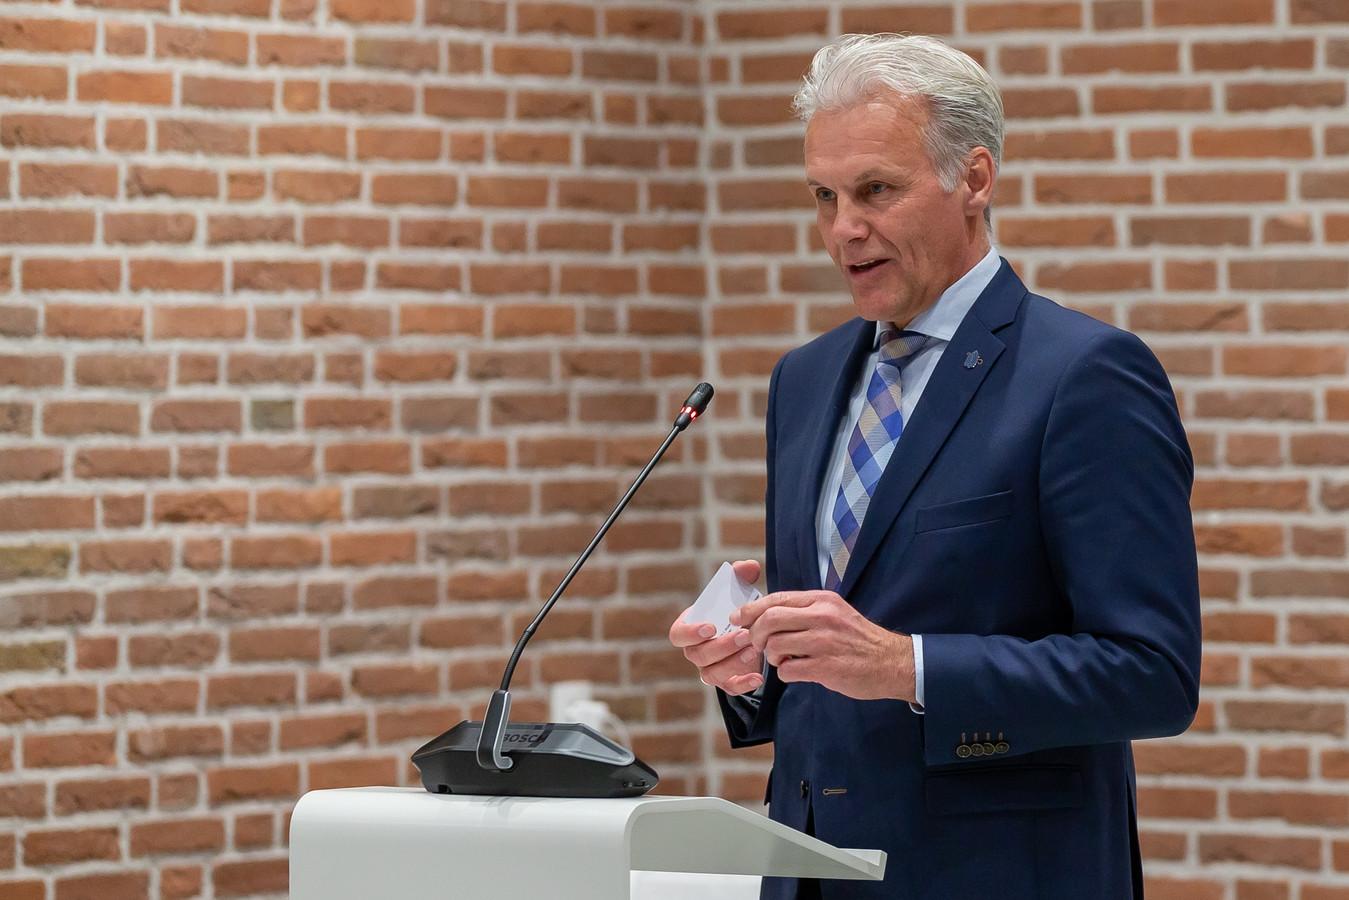 Wethouder Lucas Mulder van Staphorst. Hij verklaarde zeven zware maanden achter de rug te hebben, maar nu schoon schip te willen maken.